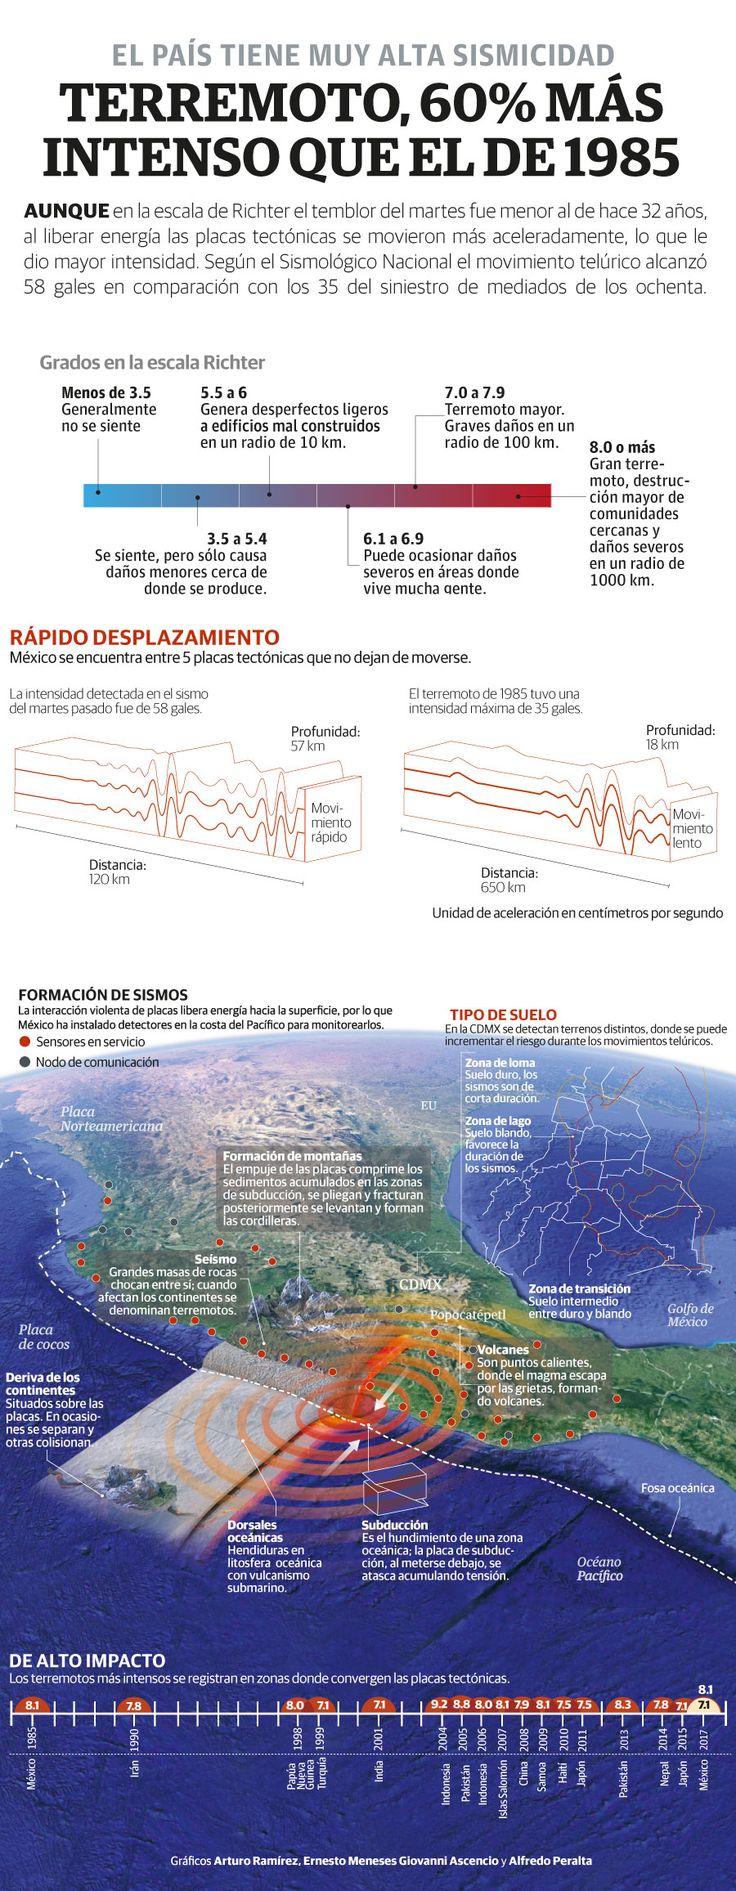 #FuerzaMéxico | Terremoto, 60% más intenso que el de 1985.